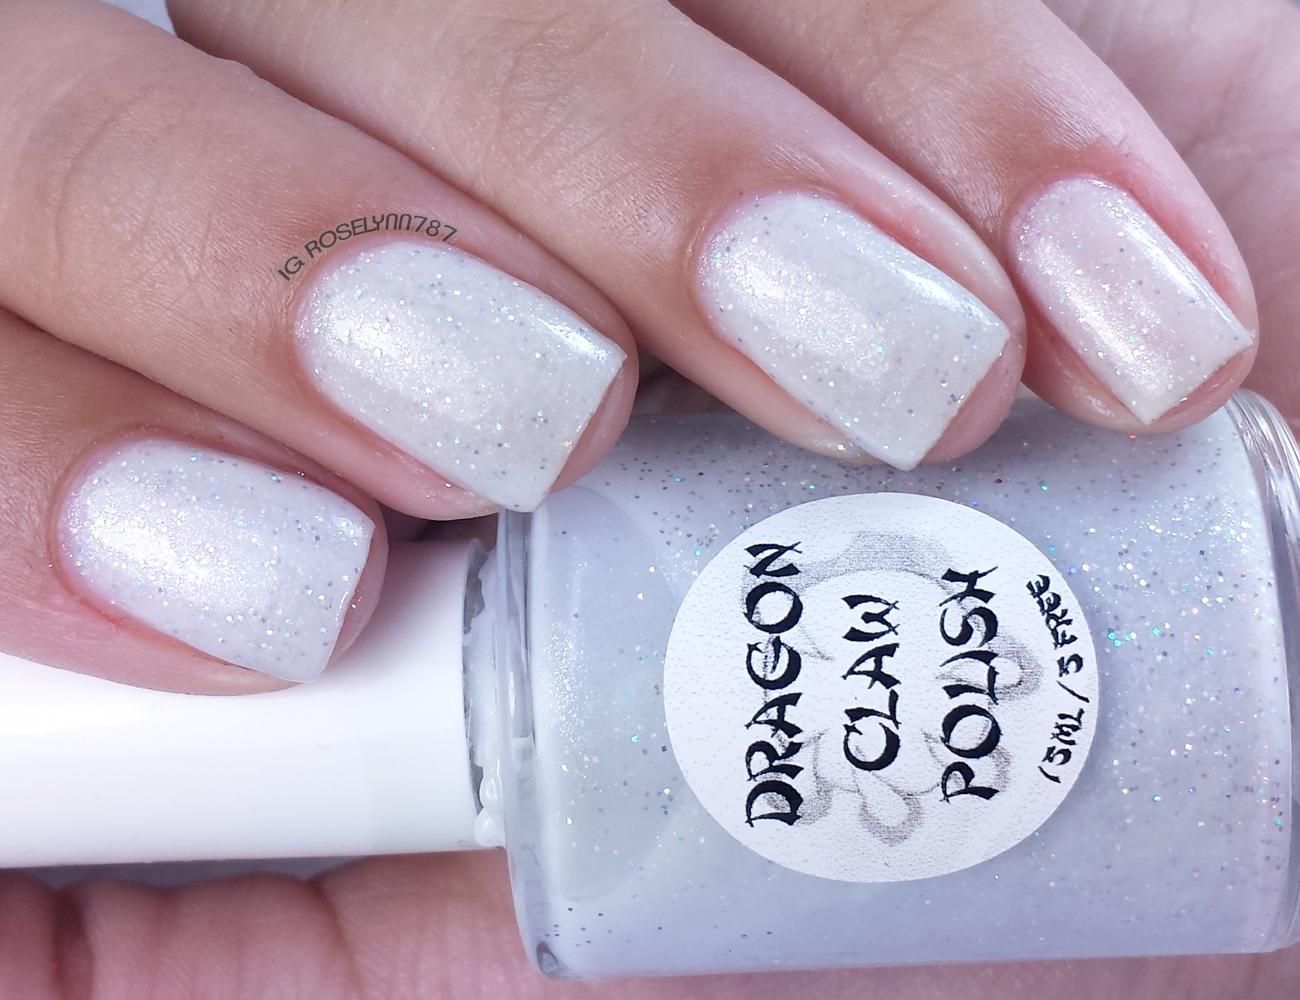 Dragon Claw Polish - Holo White Stripes